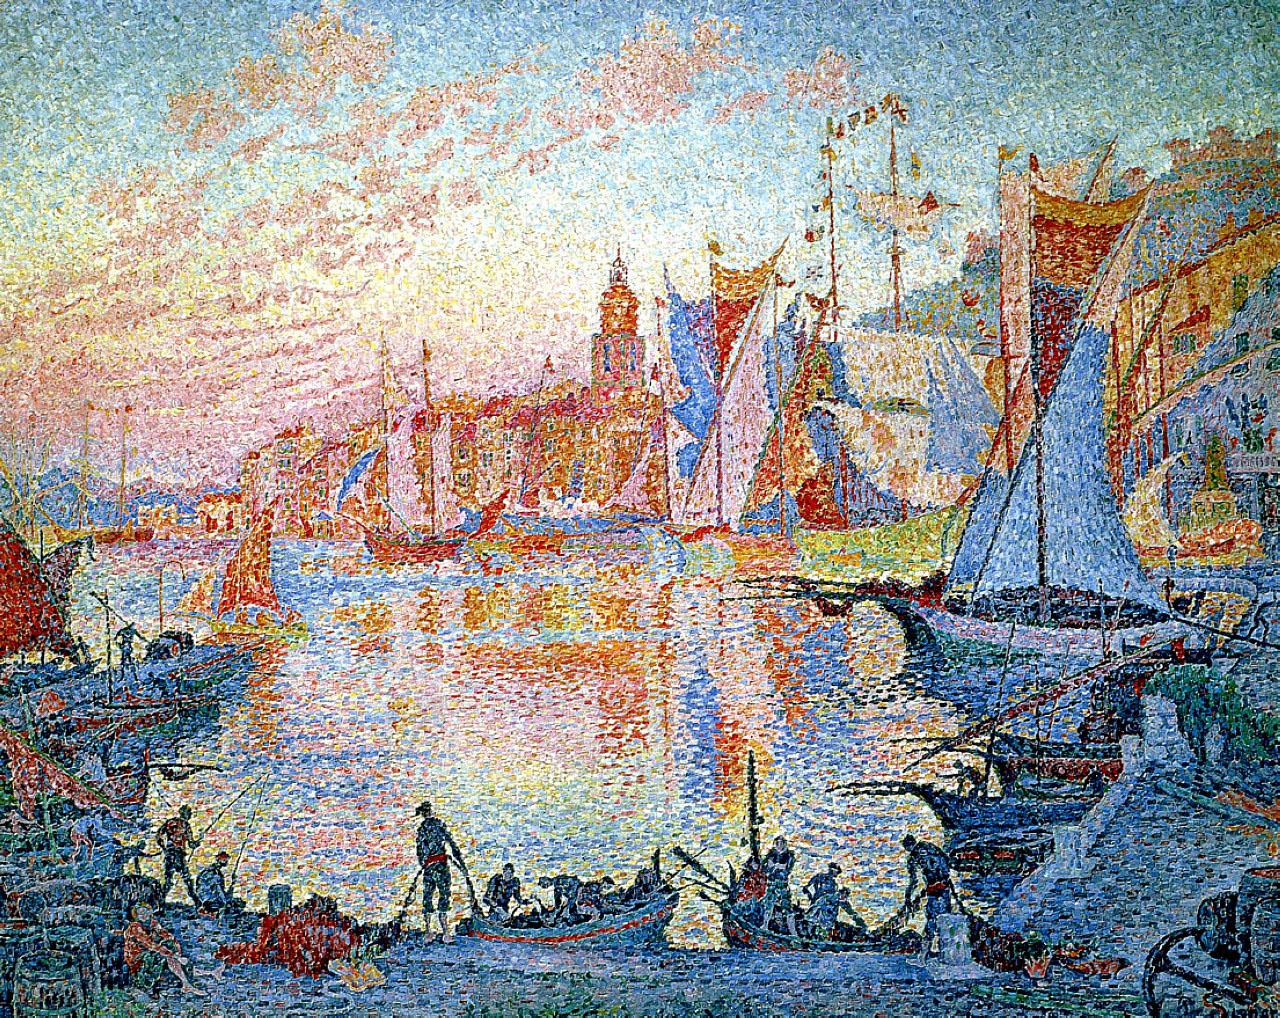 художник Поль Синьяк Paul Signac Port Saint Tropez пейзажи природы Альберт Сафиуллин